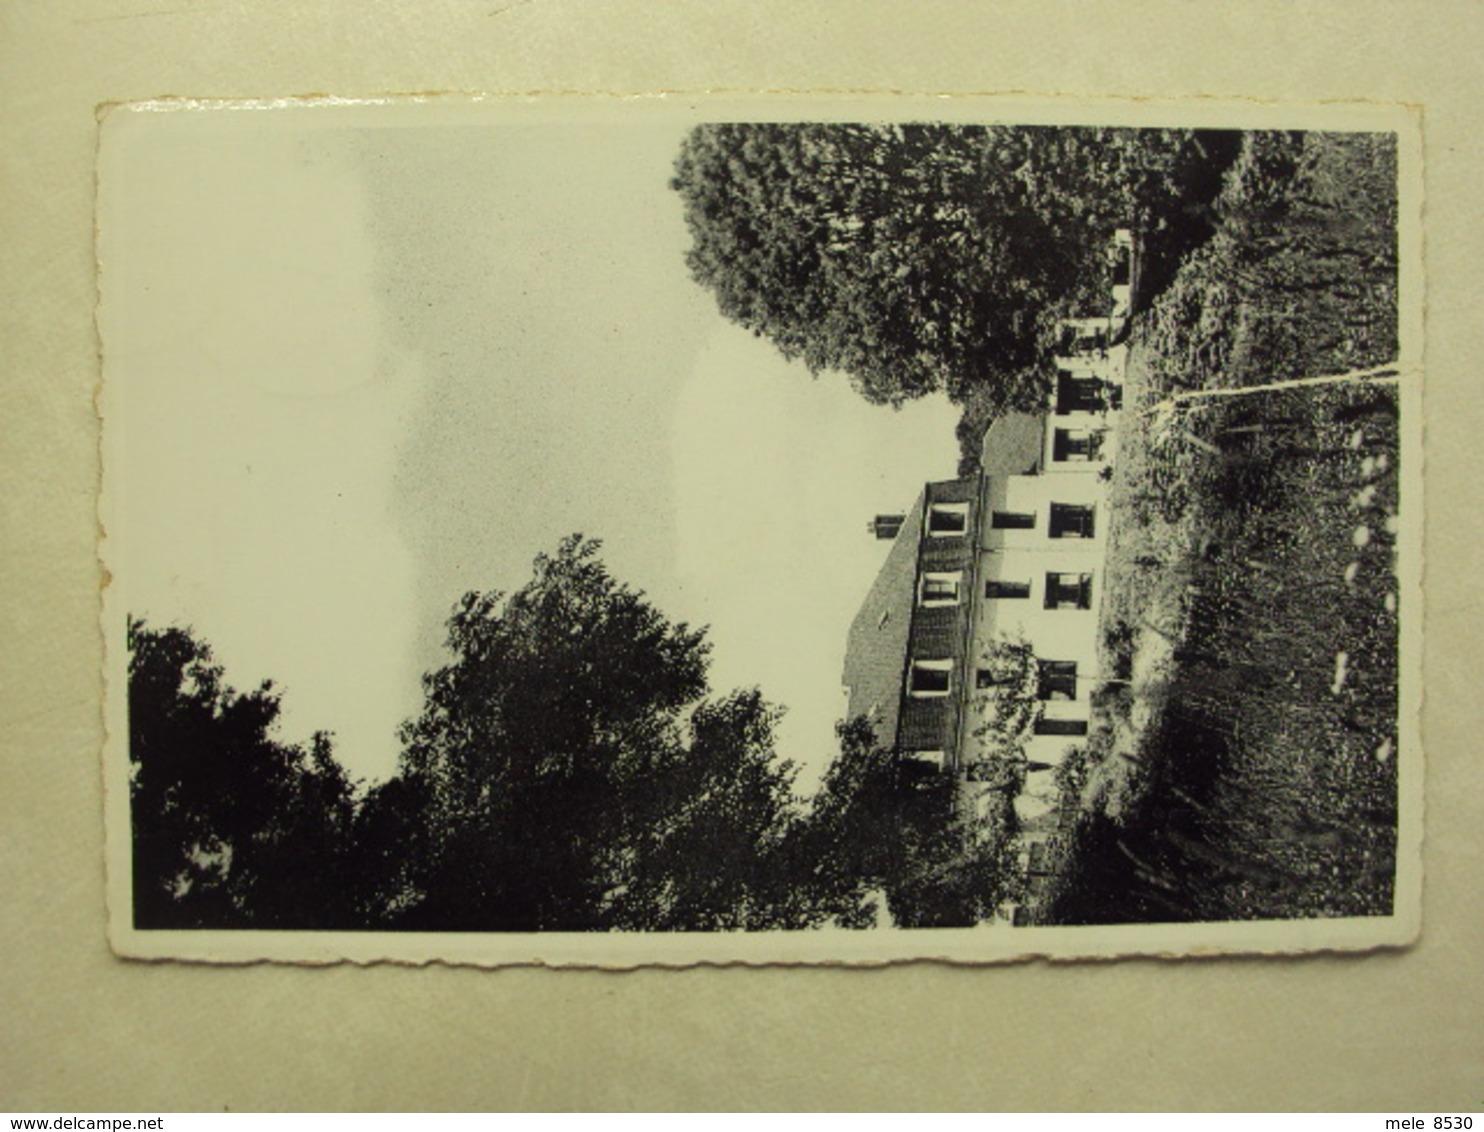 31829 - CHINY SUR SEMOIS - HOTEL POINT DE VUE - ZIE 2 FOTO'S - Chiny